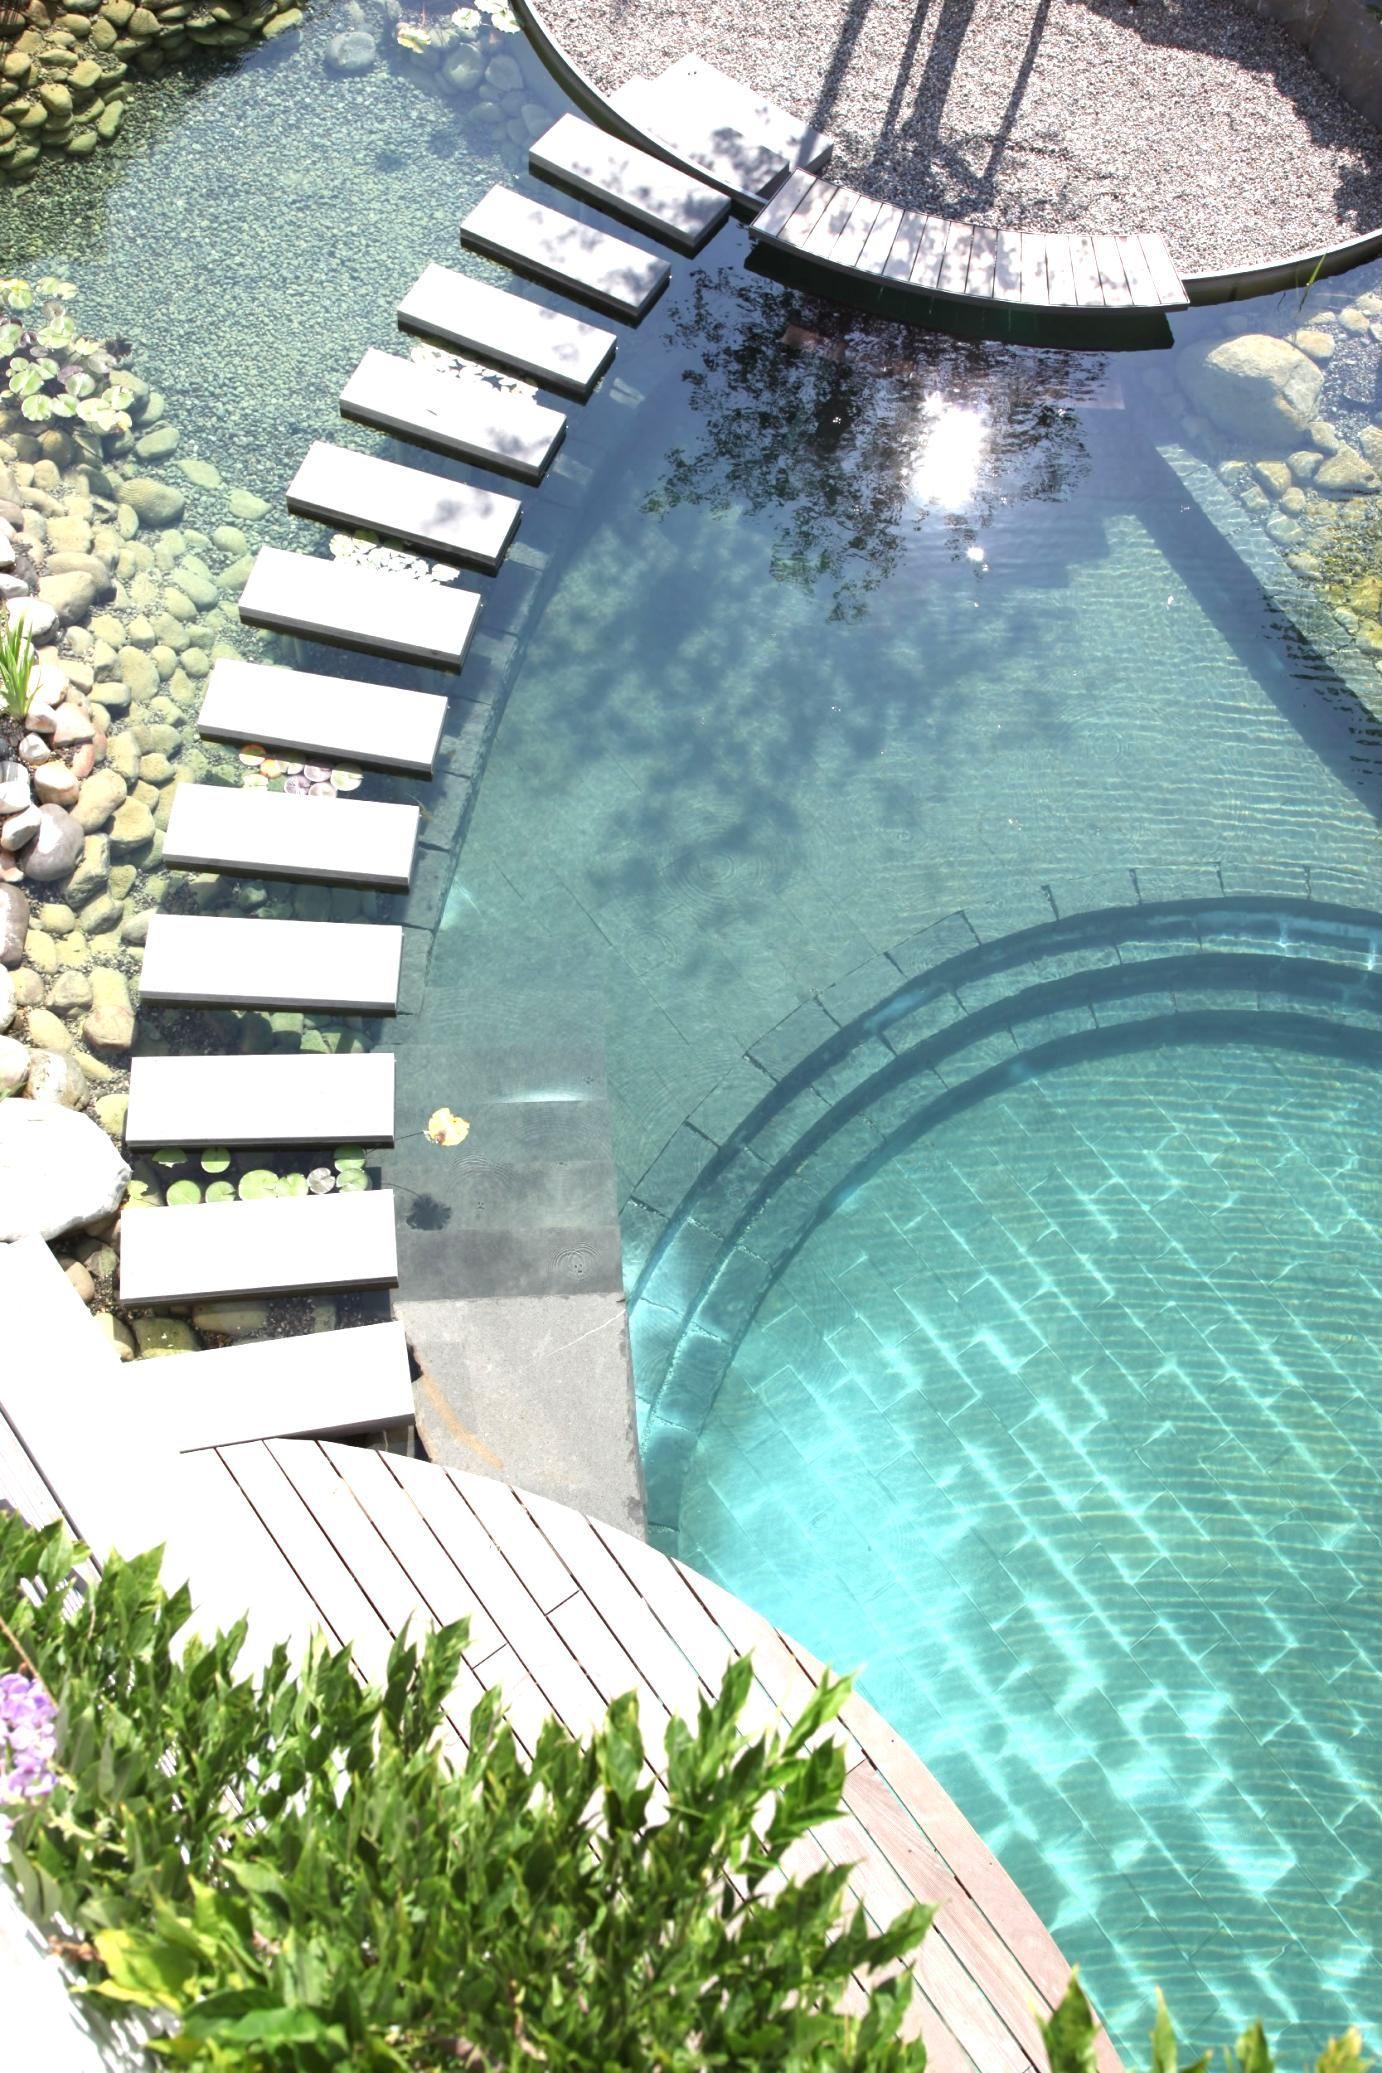 moderner schwimmteich mit brücke. #minimalistisch #swimming #pool